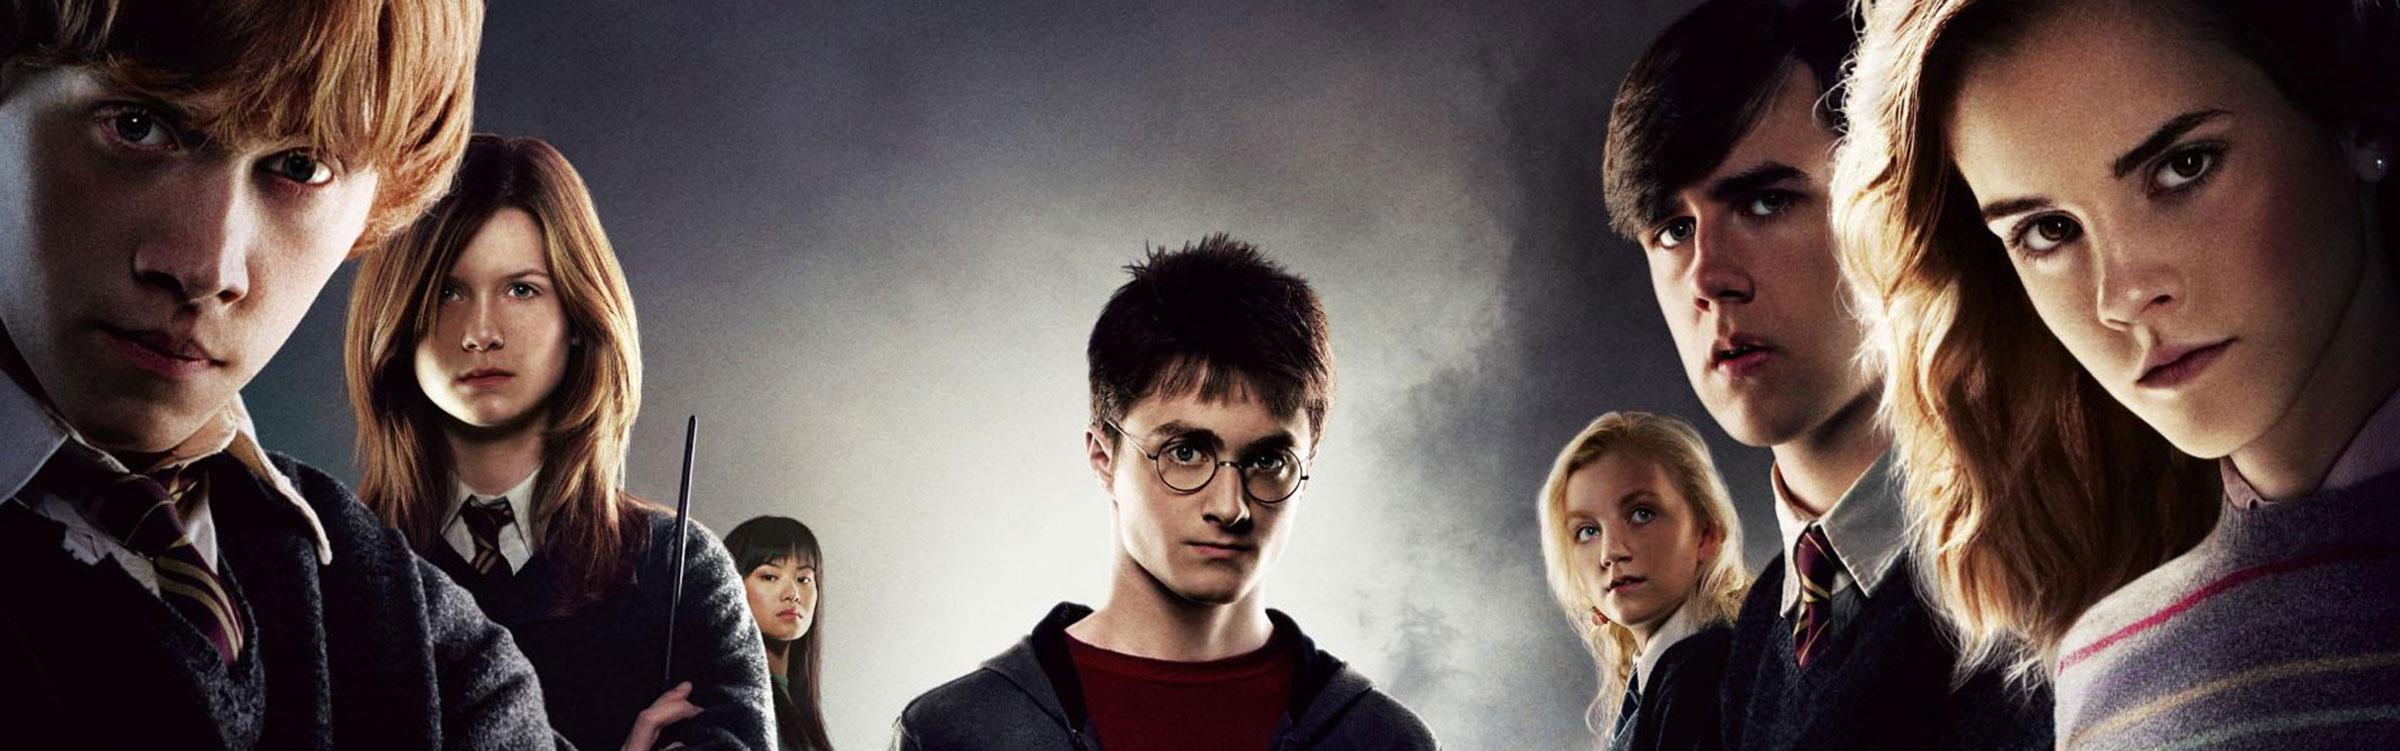 Harrypotter algemeen